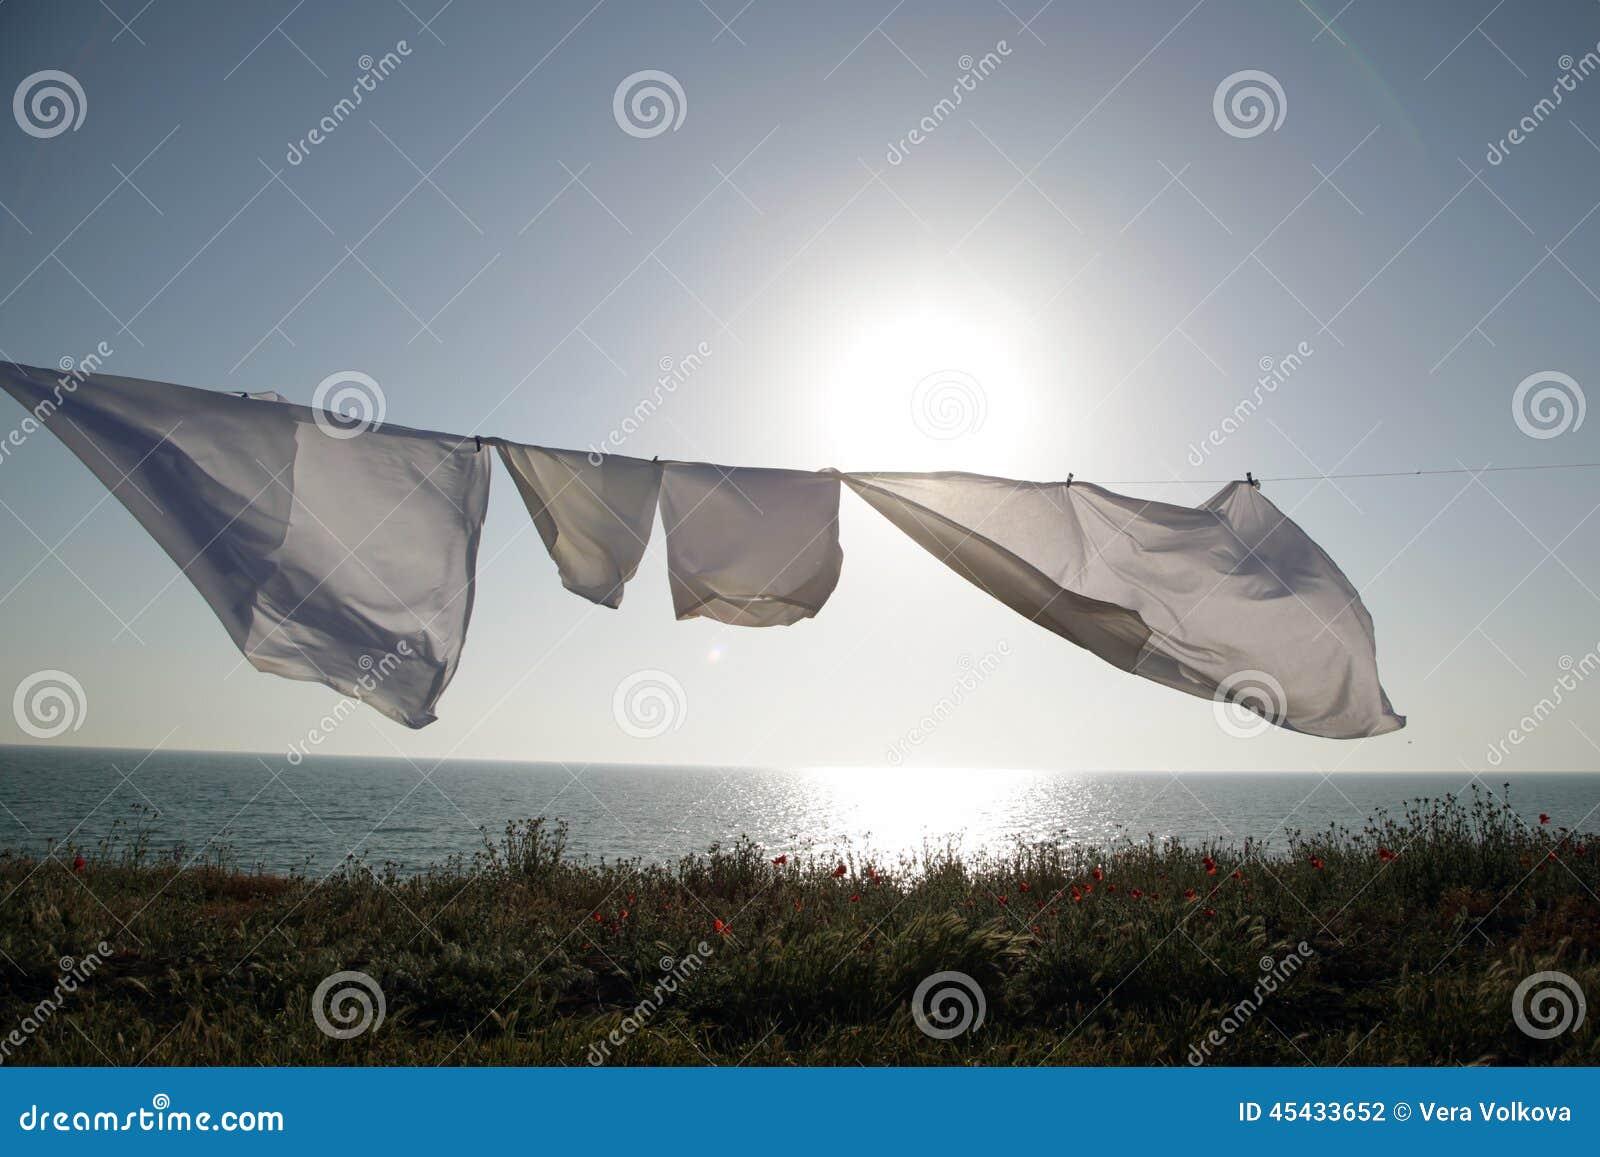 Linens dries in the fresh air